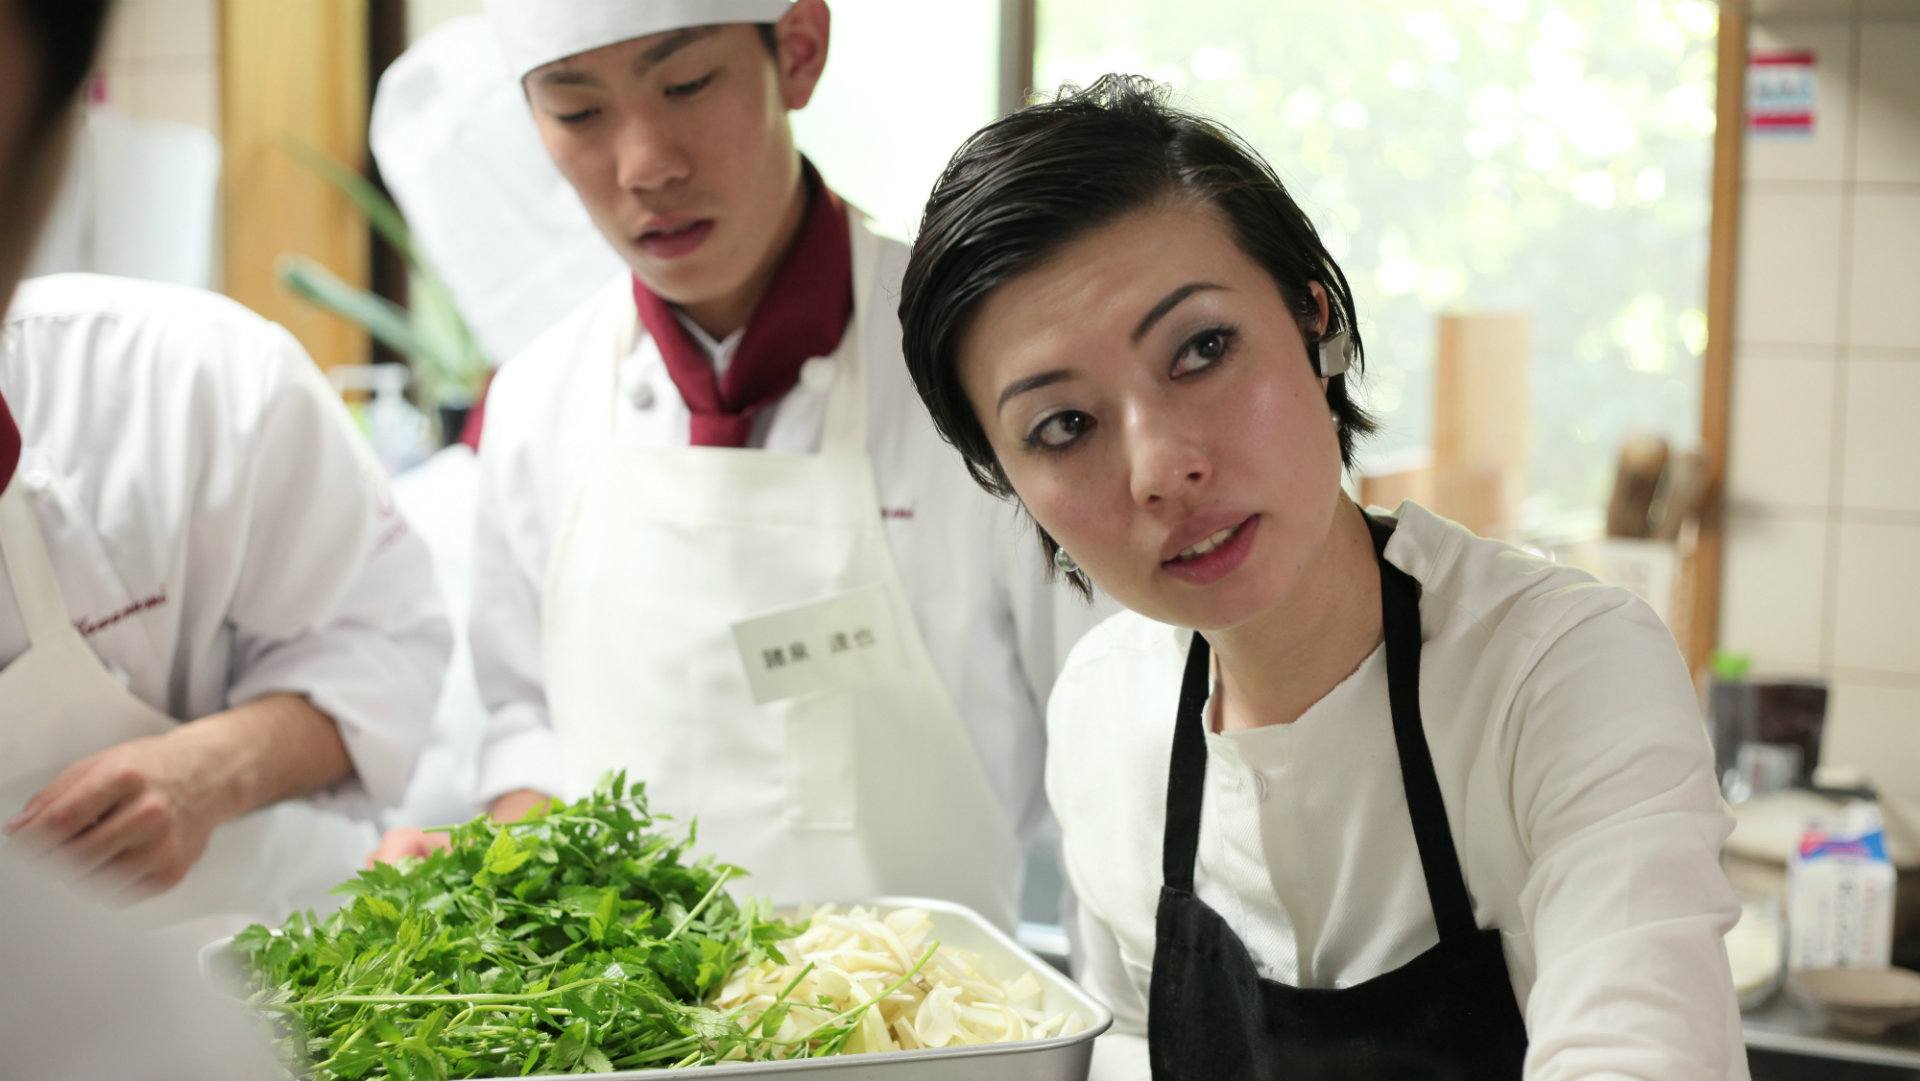 兩個人的餐桌也可以說一個美麗的故事 – 日本食物空間師 Hitomi Otsuka 大塚瞳